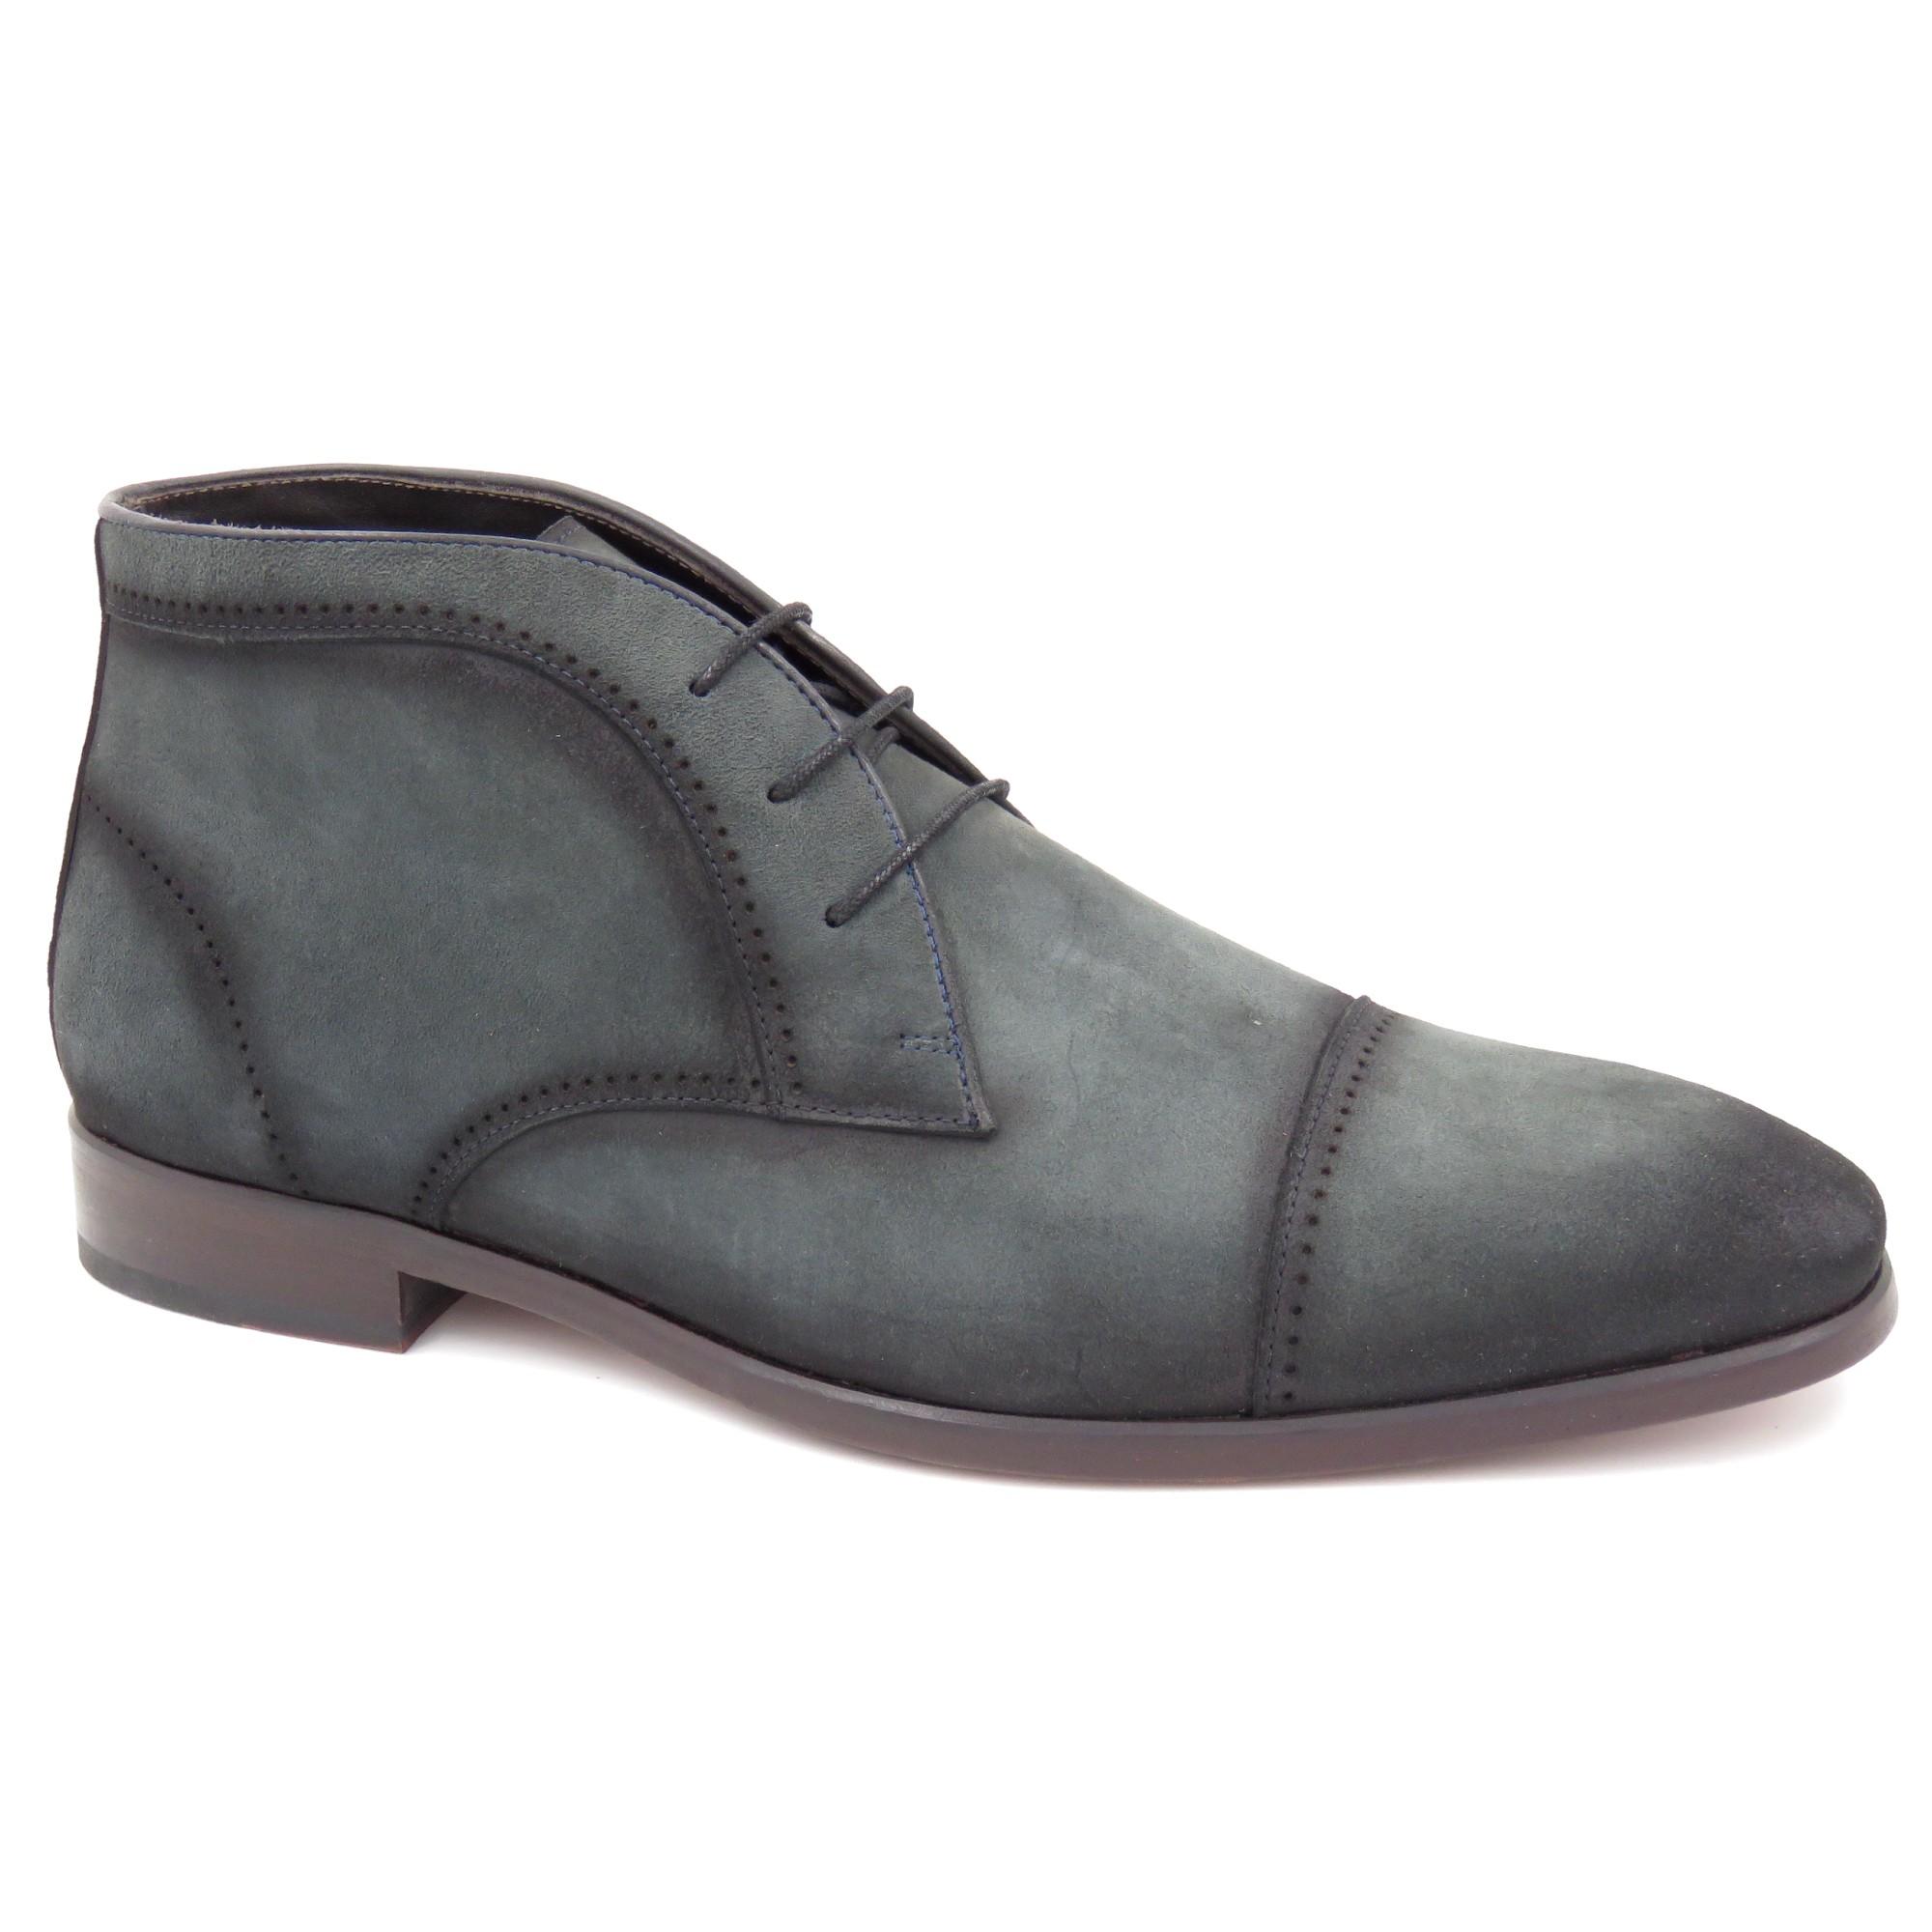 Sapato Abotinado Sola De Couro Gno014-1218